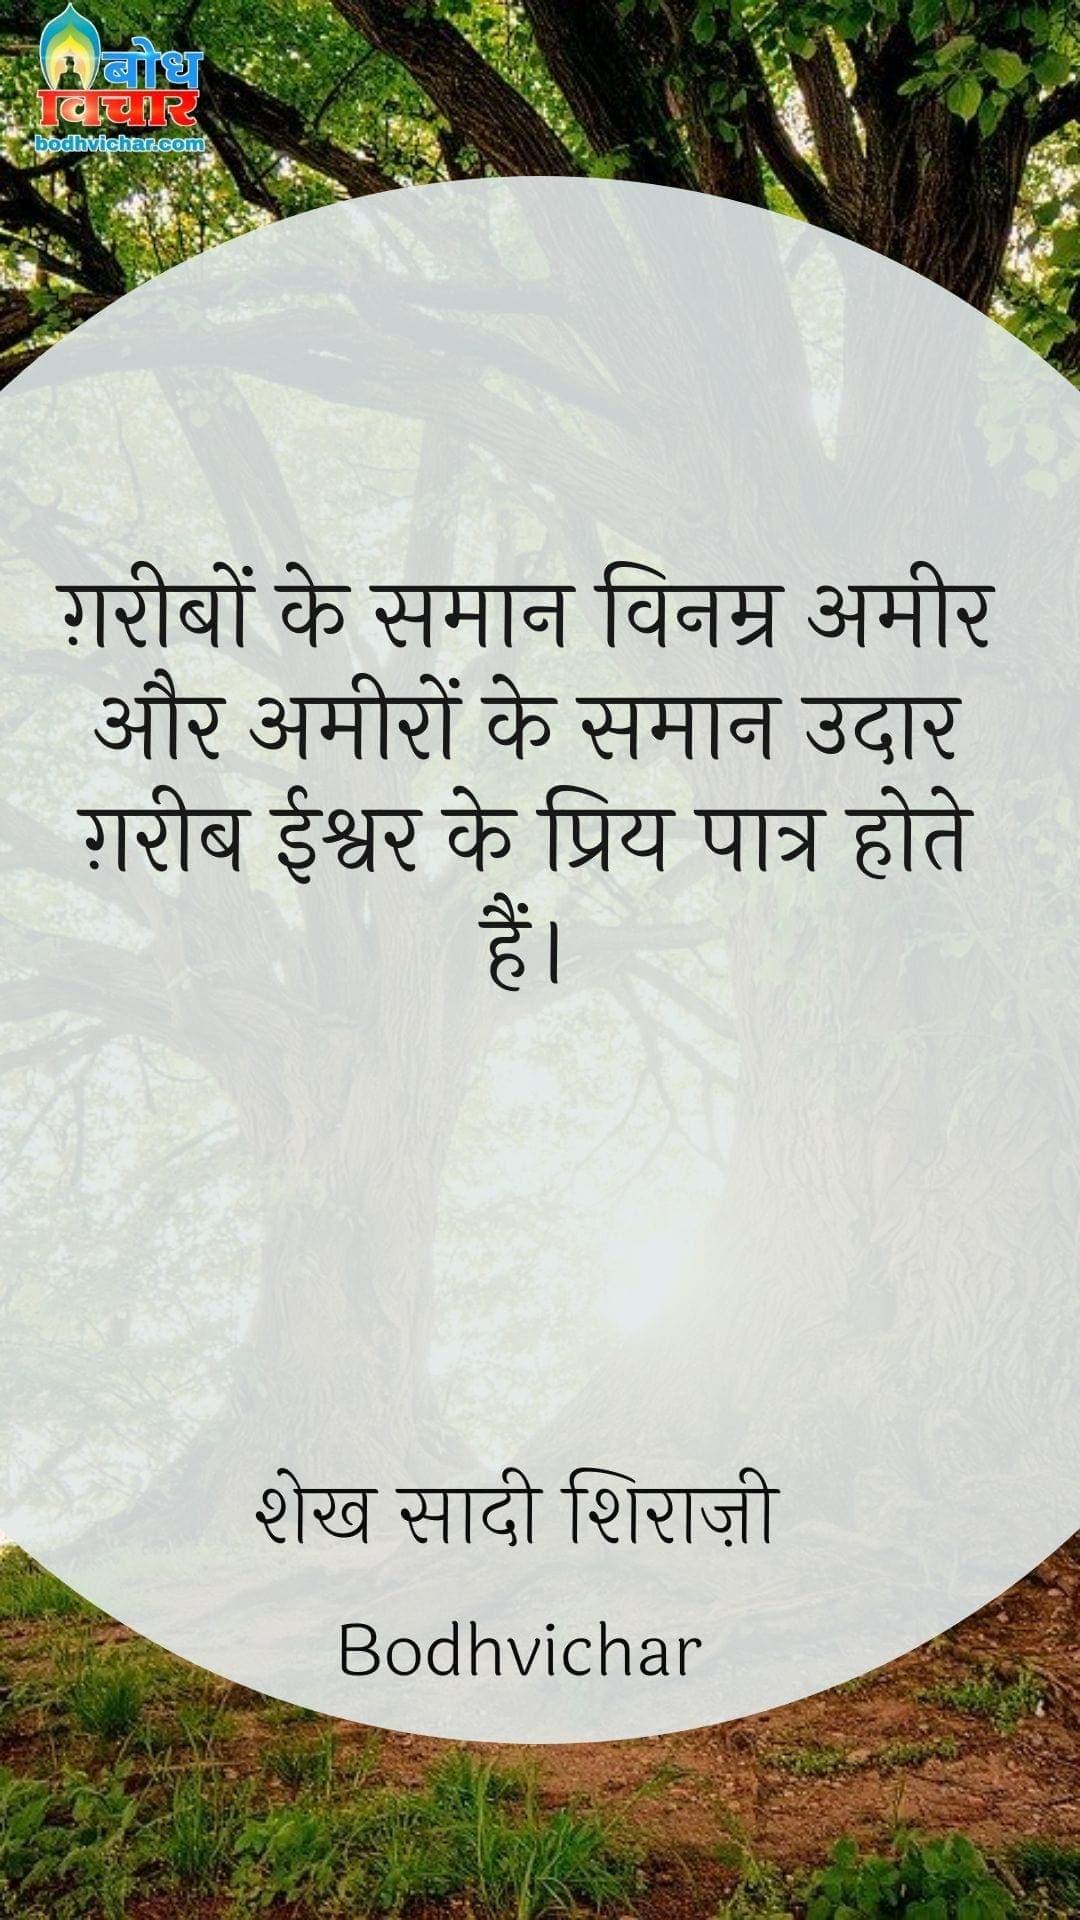 ग़रीबों के समान विनम्र अमीर और अमीरों के समान उदार ग़रीब ईश्वर के प्रिय पात्र होते हैं। : Gareebo ke samaan vinamra aur ameero ke samaan udaar gareeb ishwar ke priya paatra hote hain.. - शेख सादी शिराज़ी